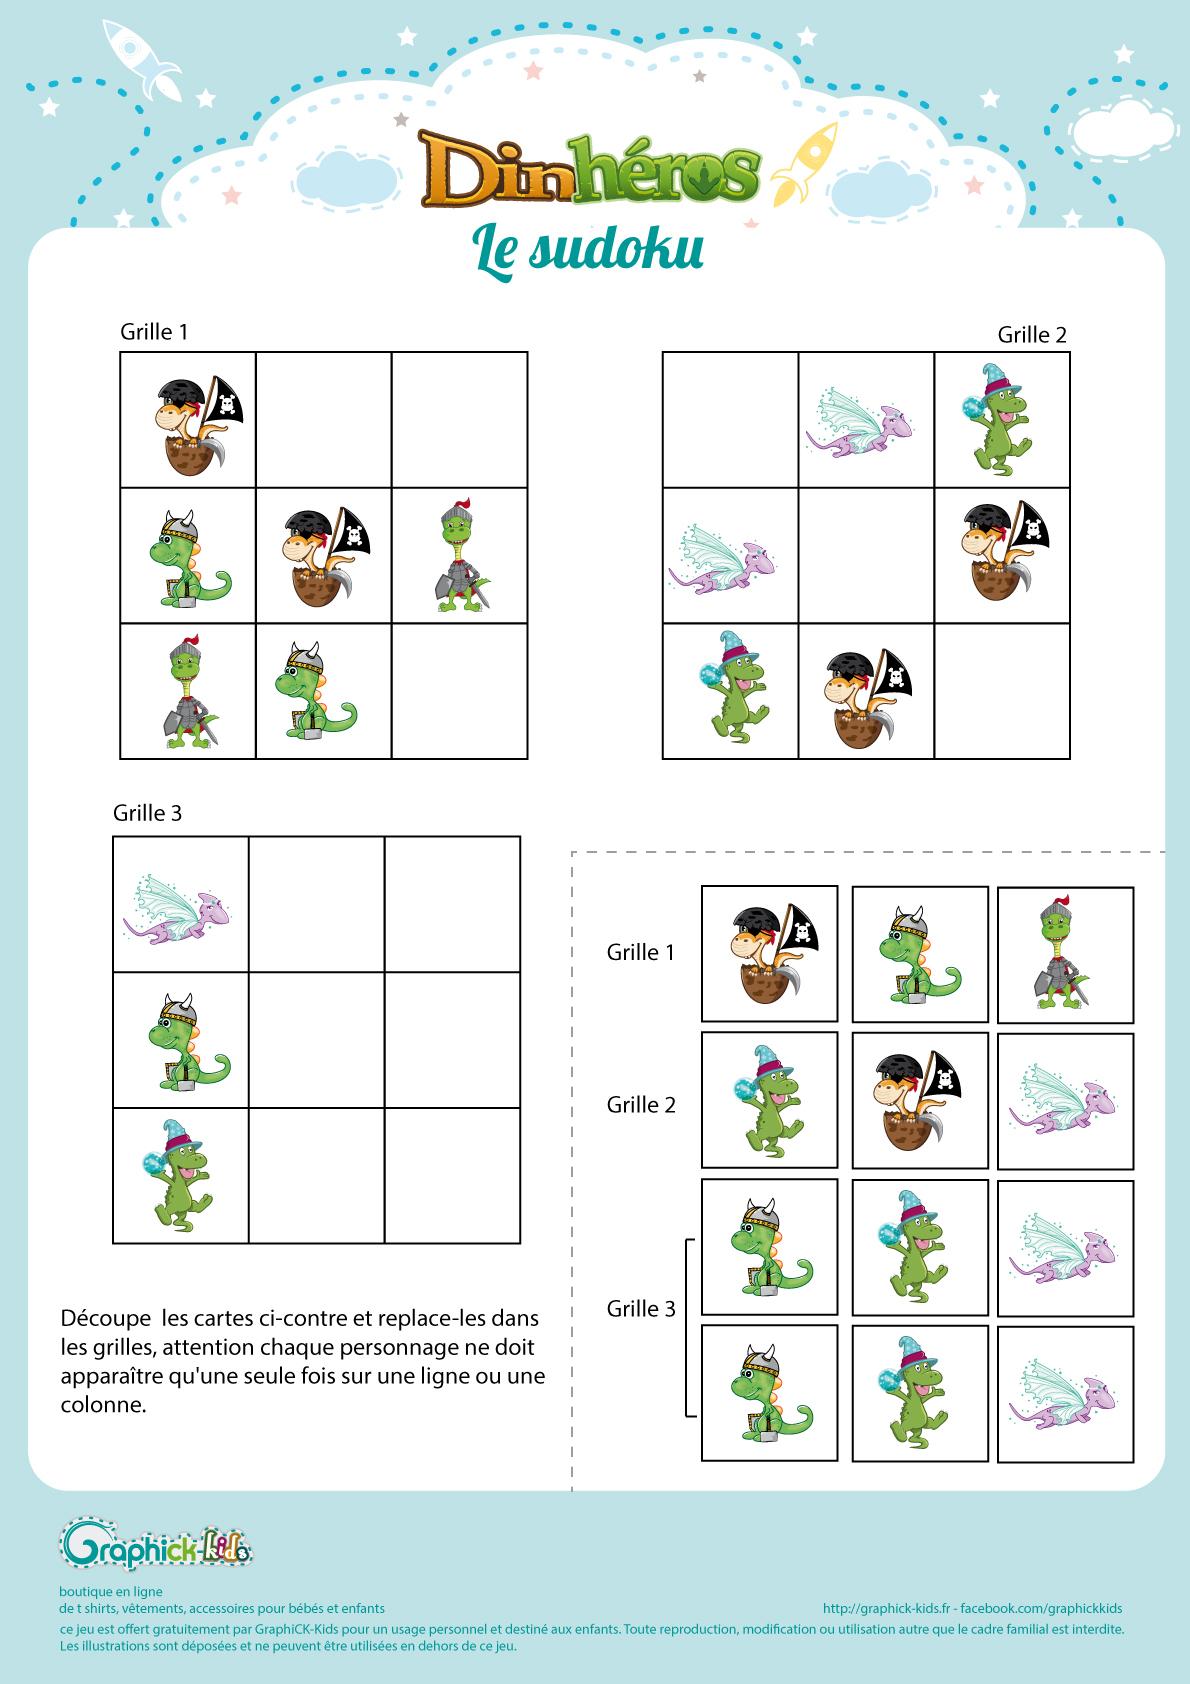 L'activité Du Mercredi : Le Sudoku Des Dinhéros - Graphick-Kids dedans Sudoku A Imprimer